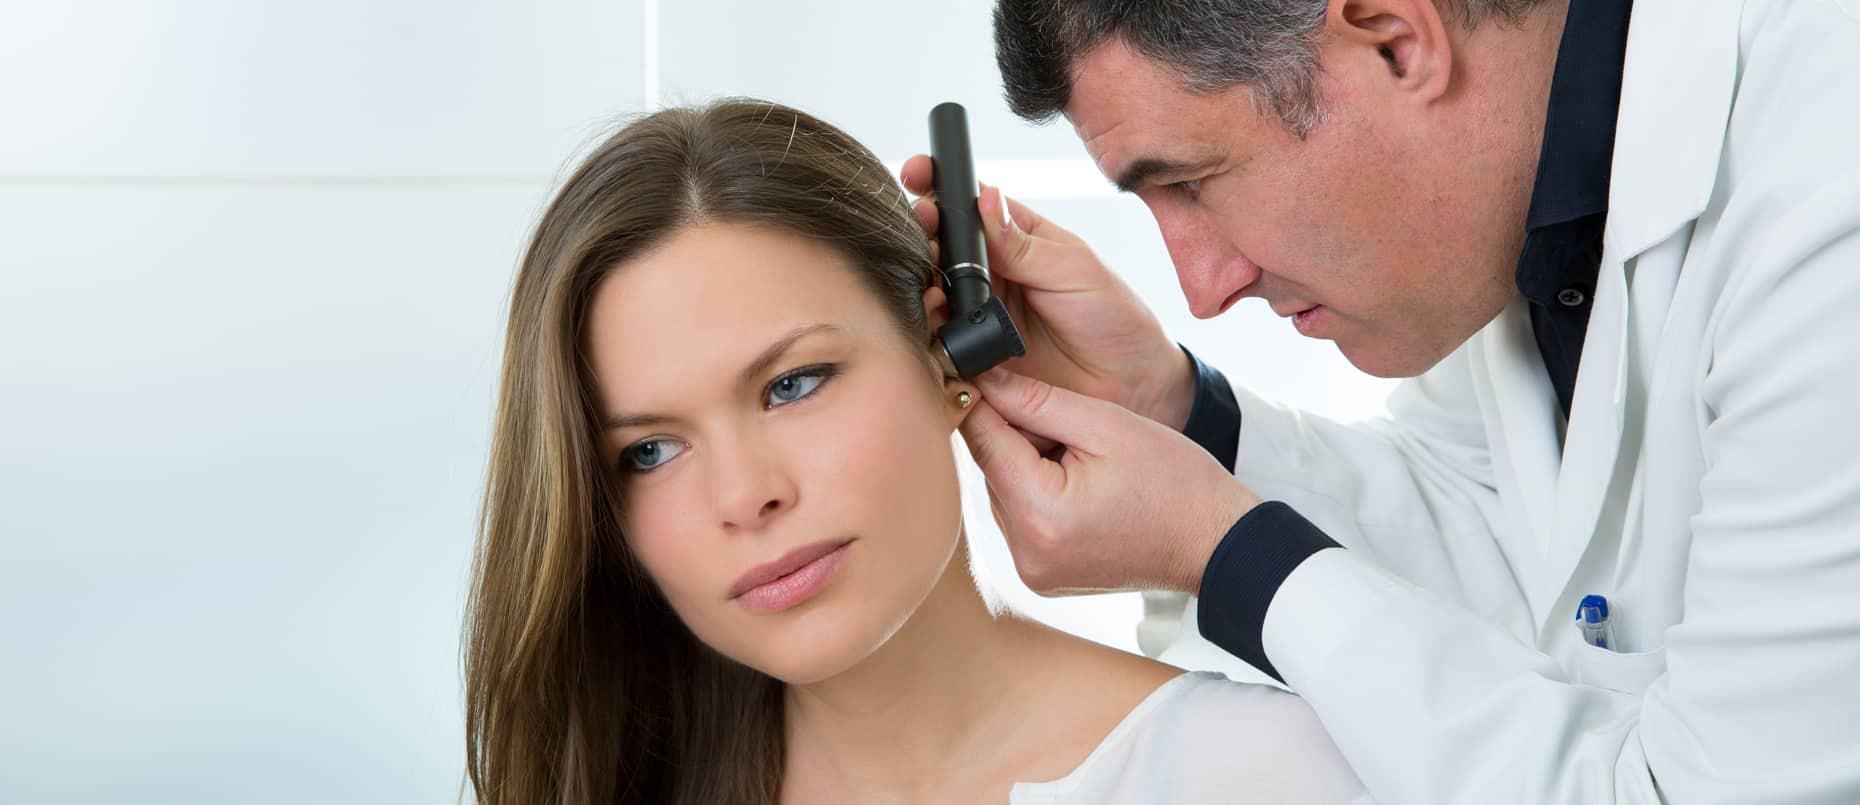 Un médecin soignant sa patiente dont l'oreille est bouchée